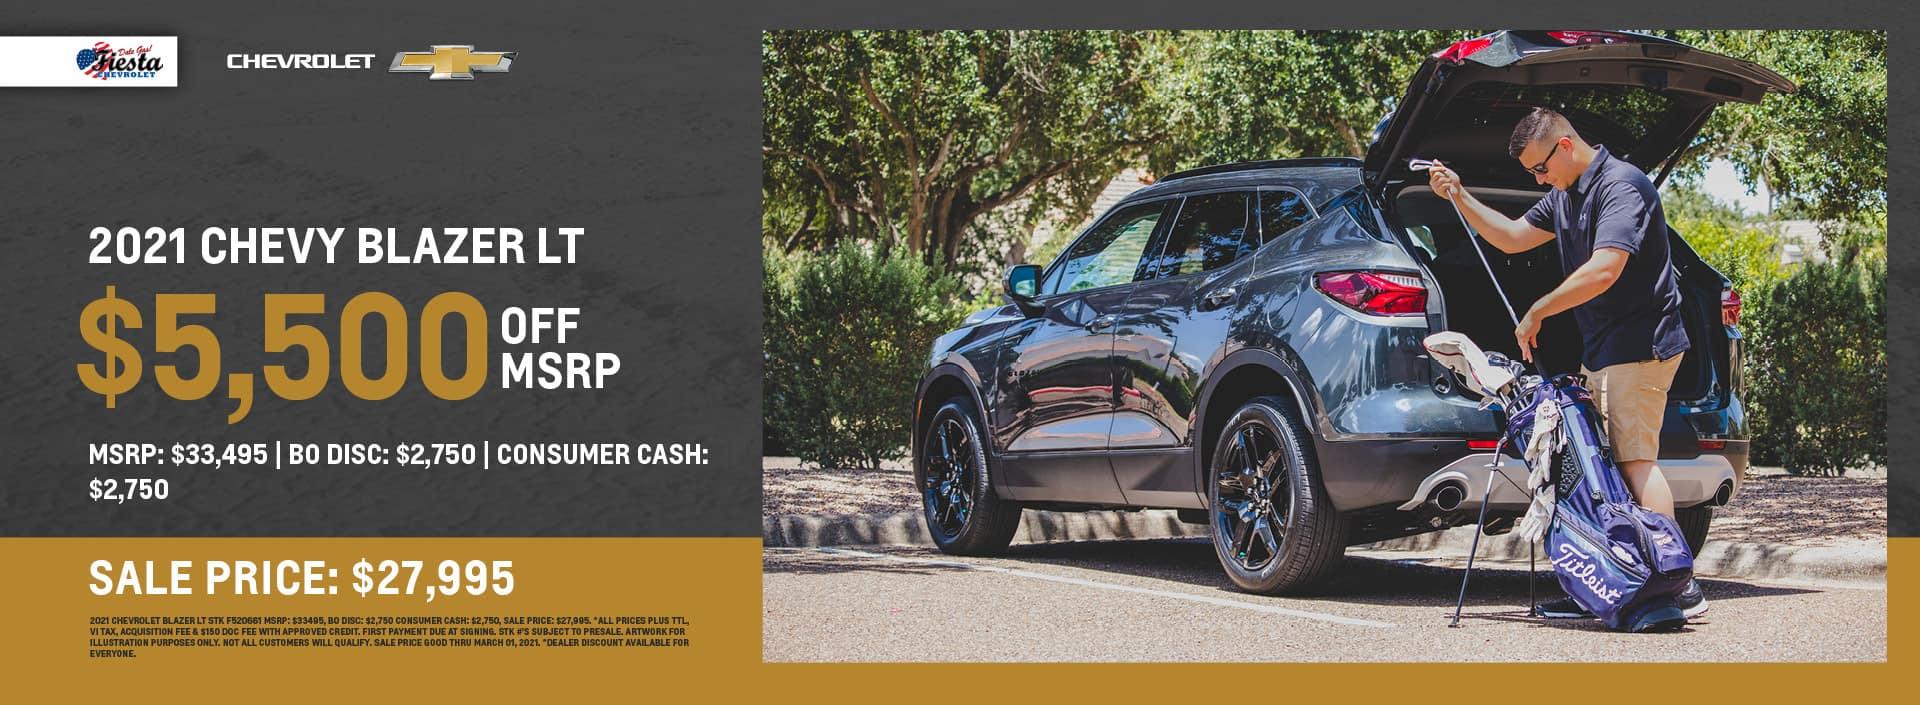 BOFiesta-Chevrolet-Specials-1920X705-2021BLAZER_LT